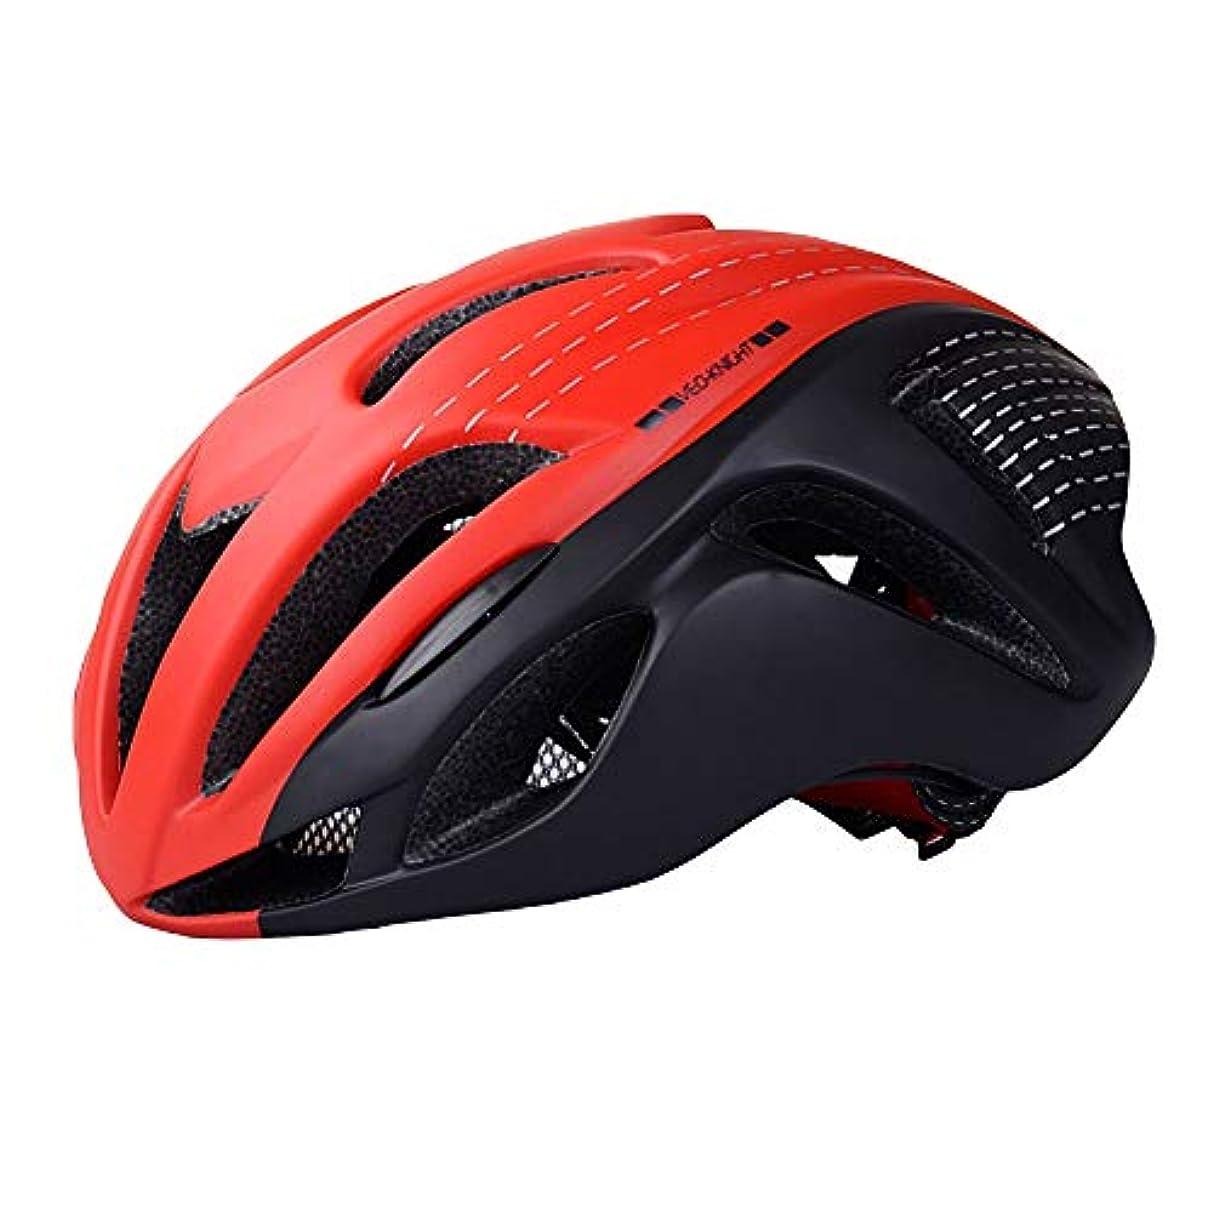 一回既婚高架自転車 ヘルメット大人用 ロードバイク/サイクリング ヘルメット 超軽量 高剛性?男女兼用 ヘルメット通気 サイズ調整可能